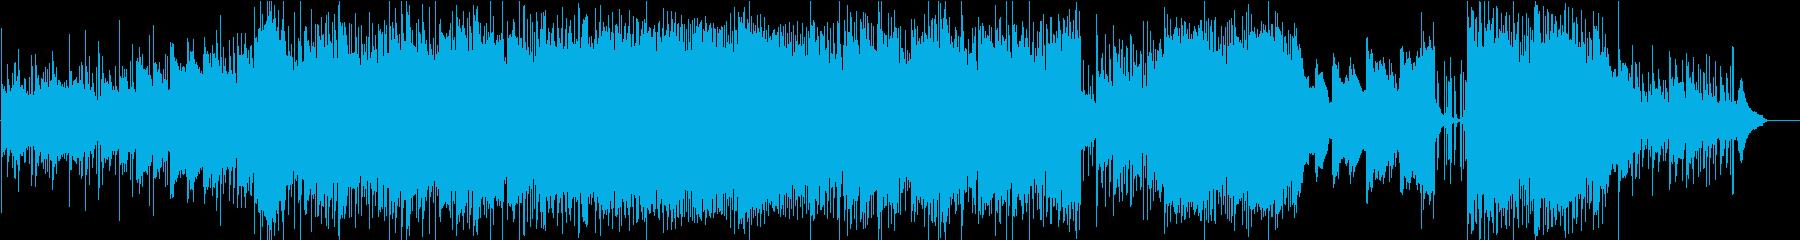 コーポレート 感情的 バラード エ...の再生済みの波形